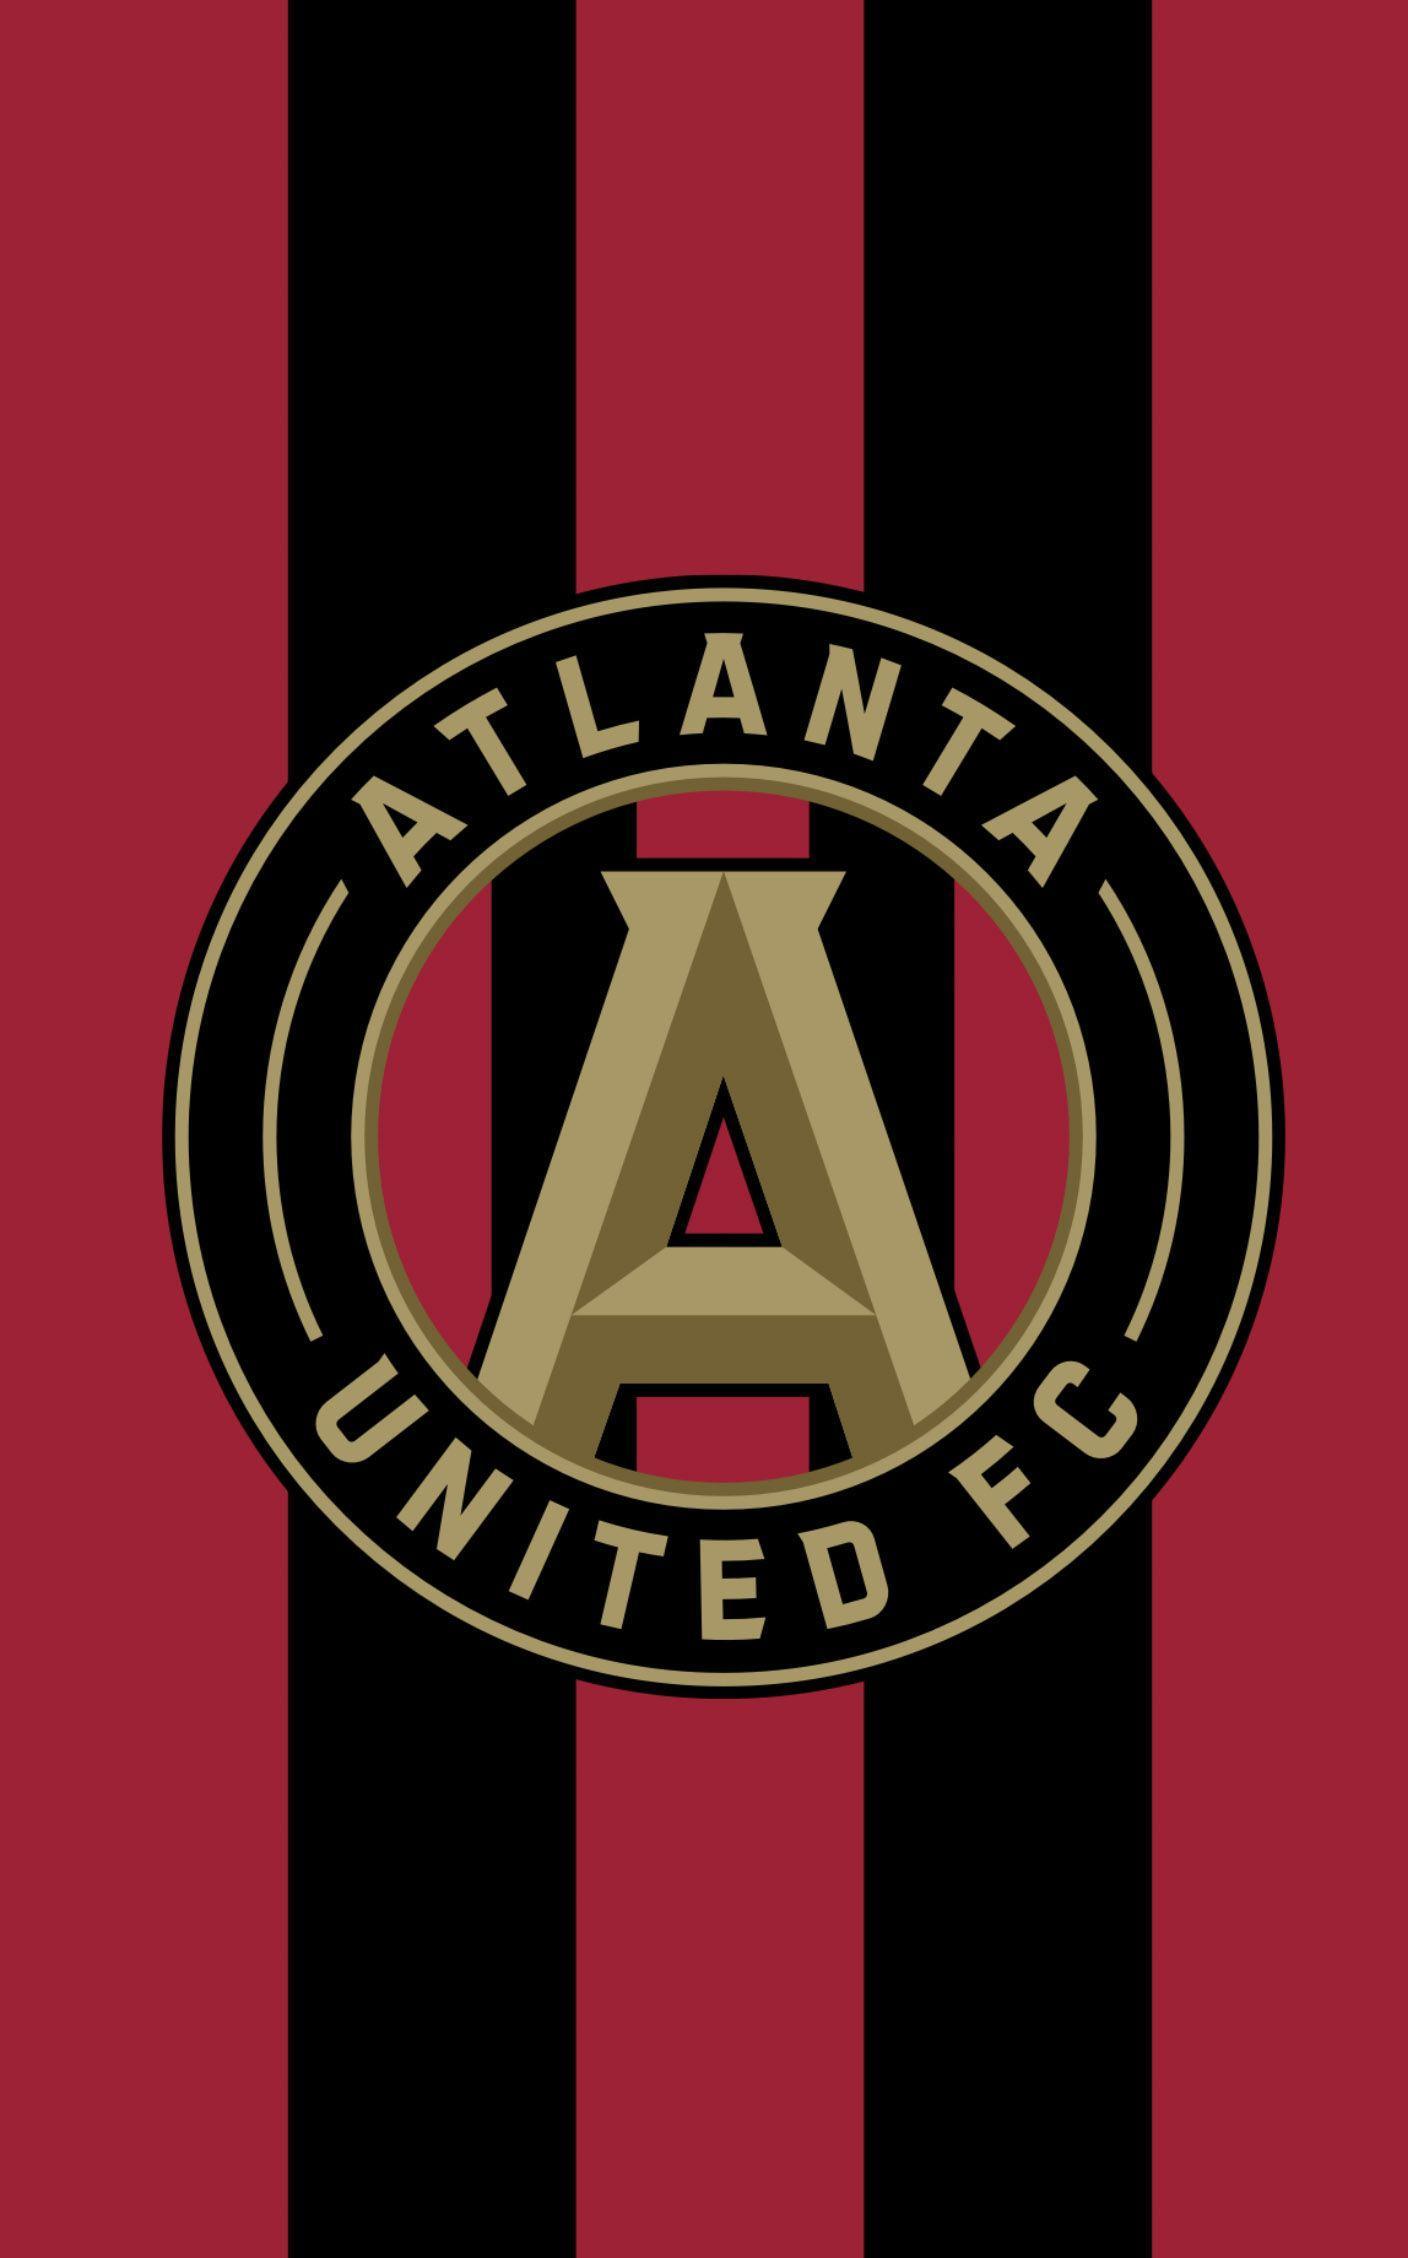 Braves Wallpaper Iphone Atlanta Iphone Wallpapers Top Free Atlanta Iphone